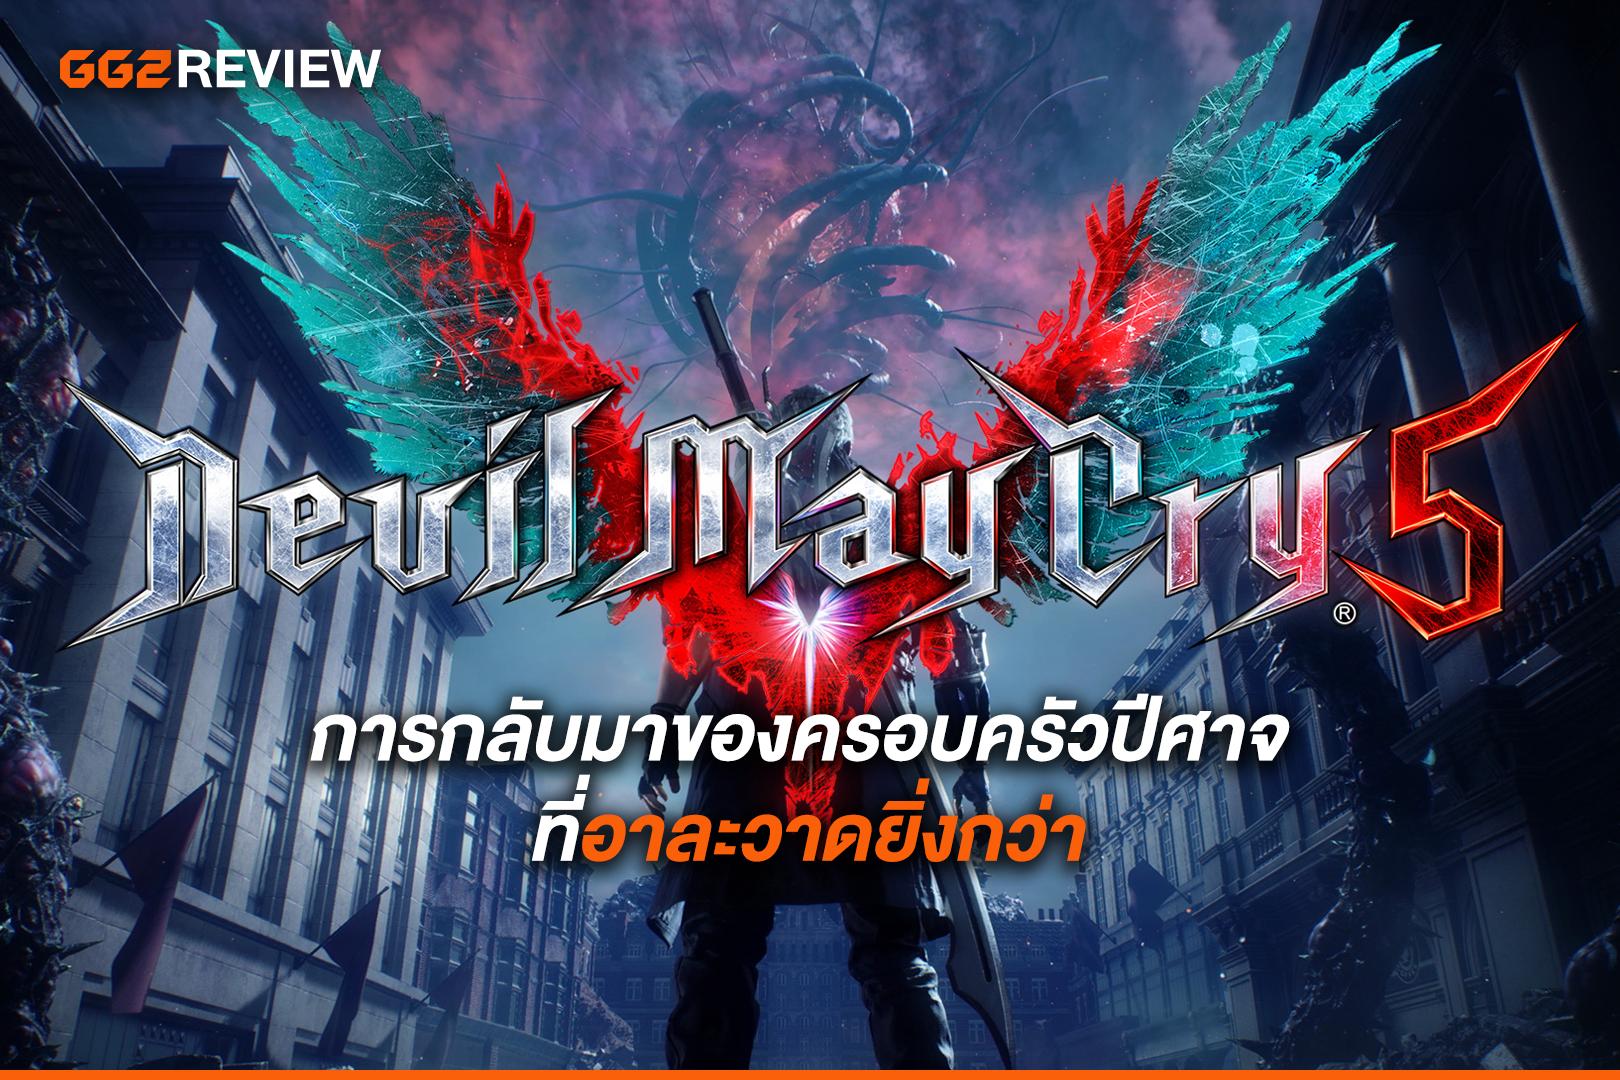 รีวิว Devil May Cry 5 : การกลับมาของครอบครัวปีศาจ ที่อาละวาดยิ่งกว่า